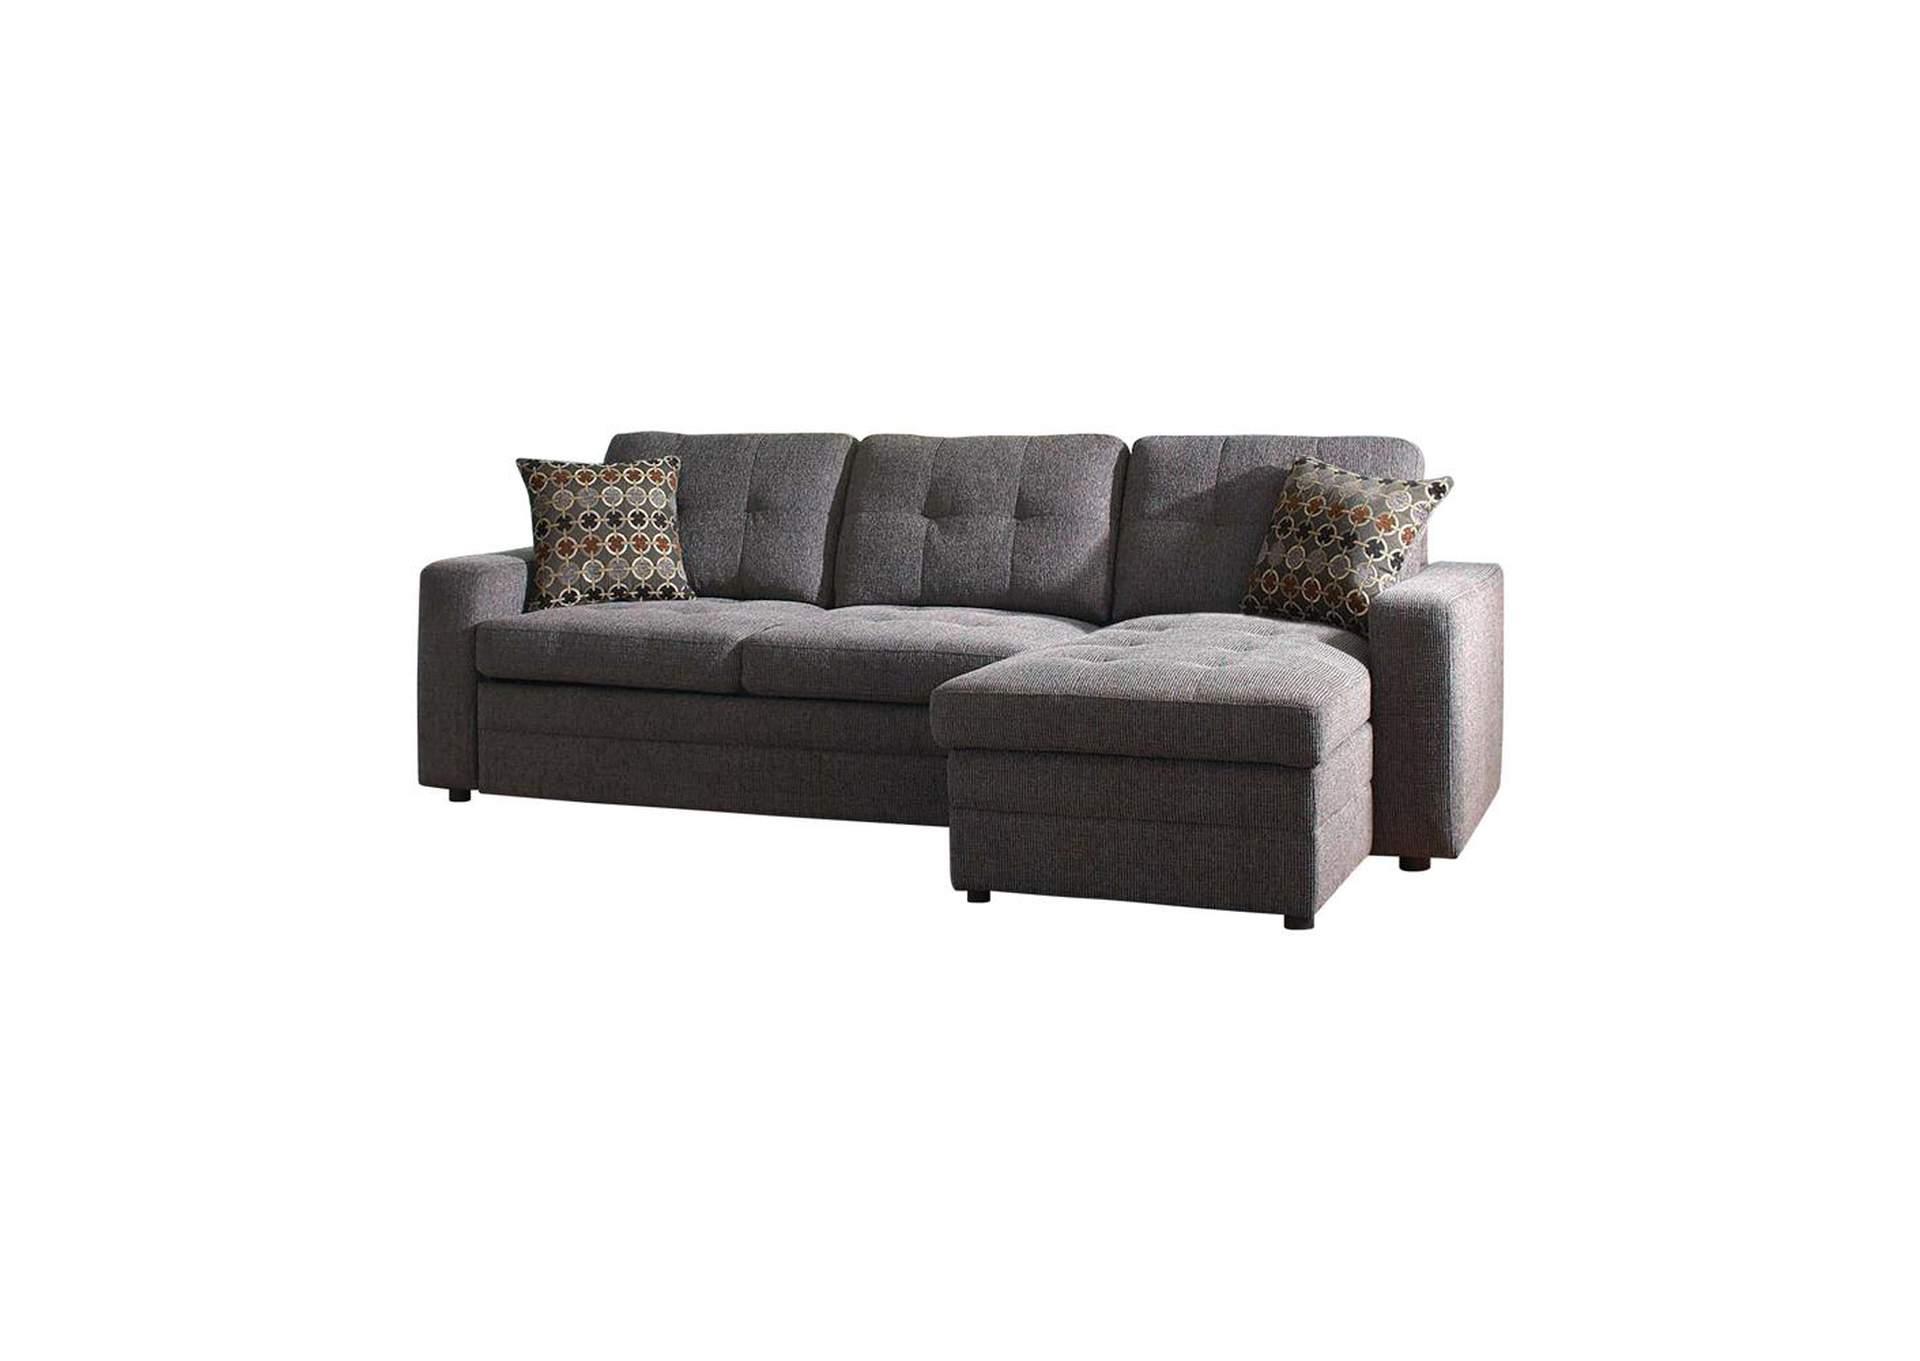 Fine Amazing Furniture Taftville Ct Gus Charcoal Sectional Inzonedesignstudio Interior Chair Design Inzonedesignstudiocom